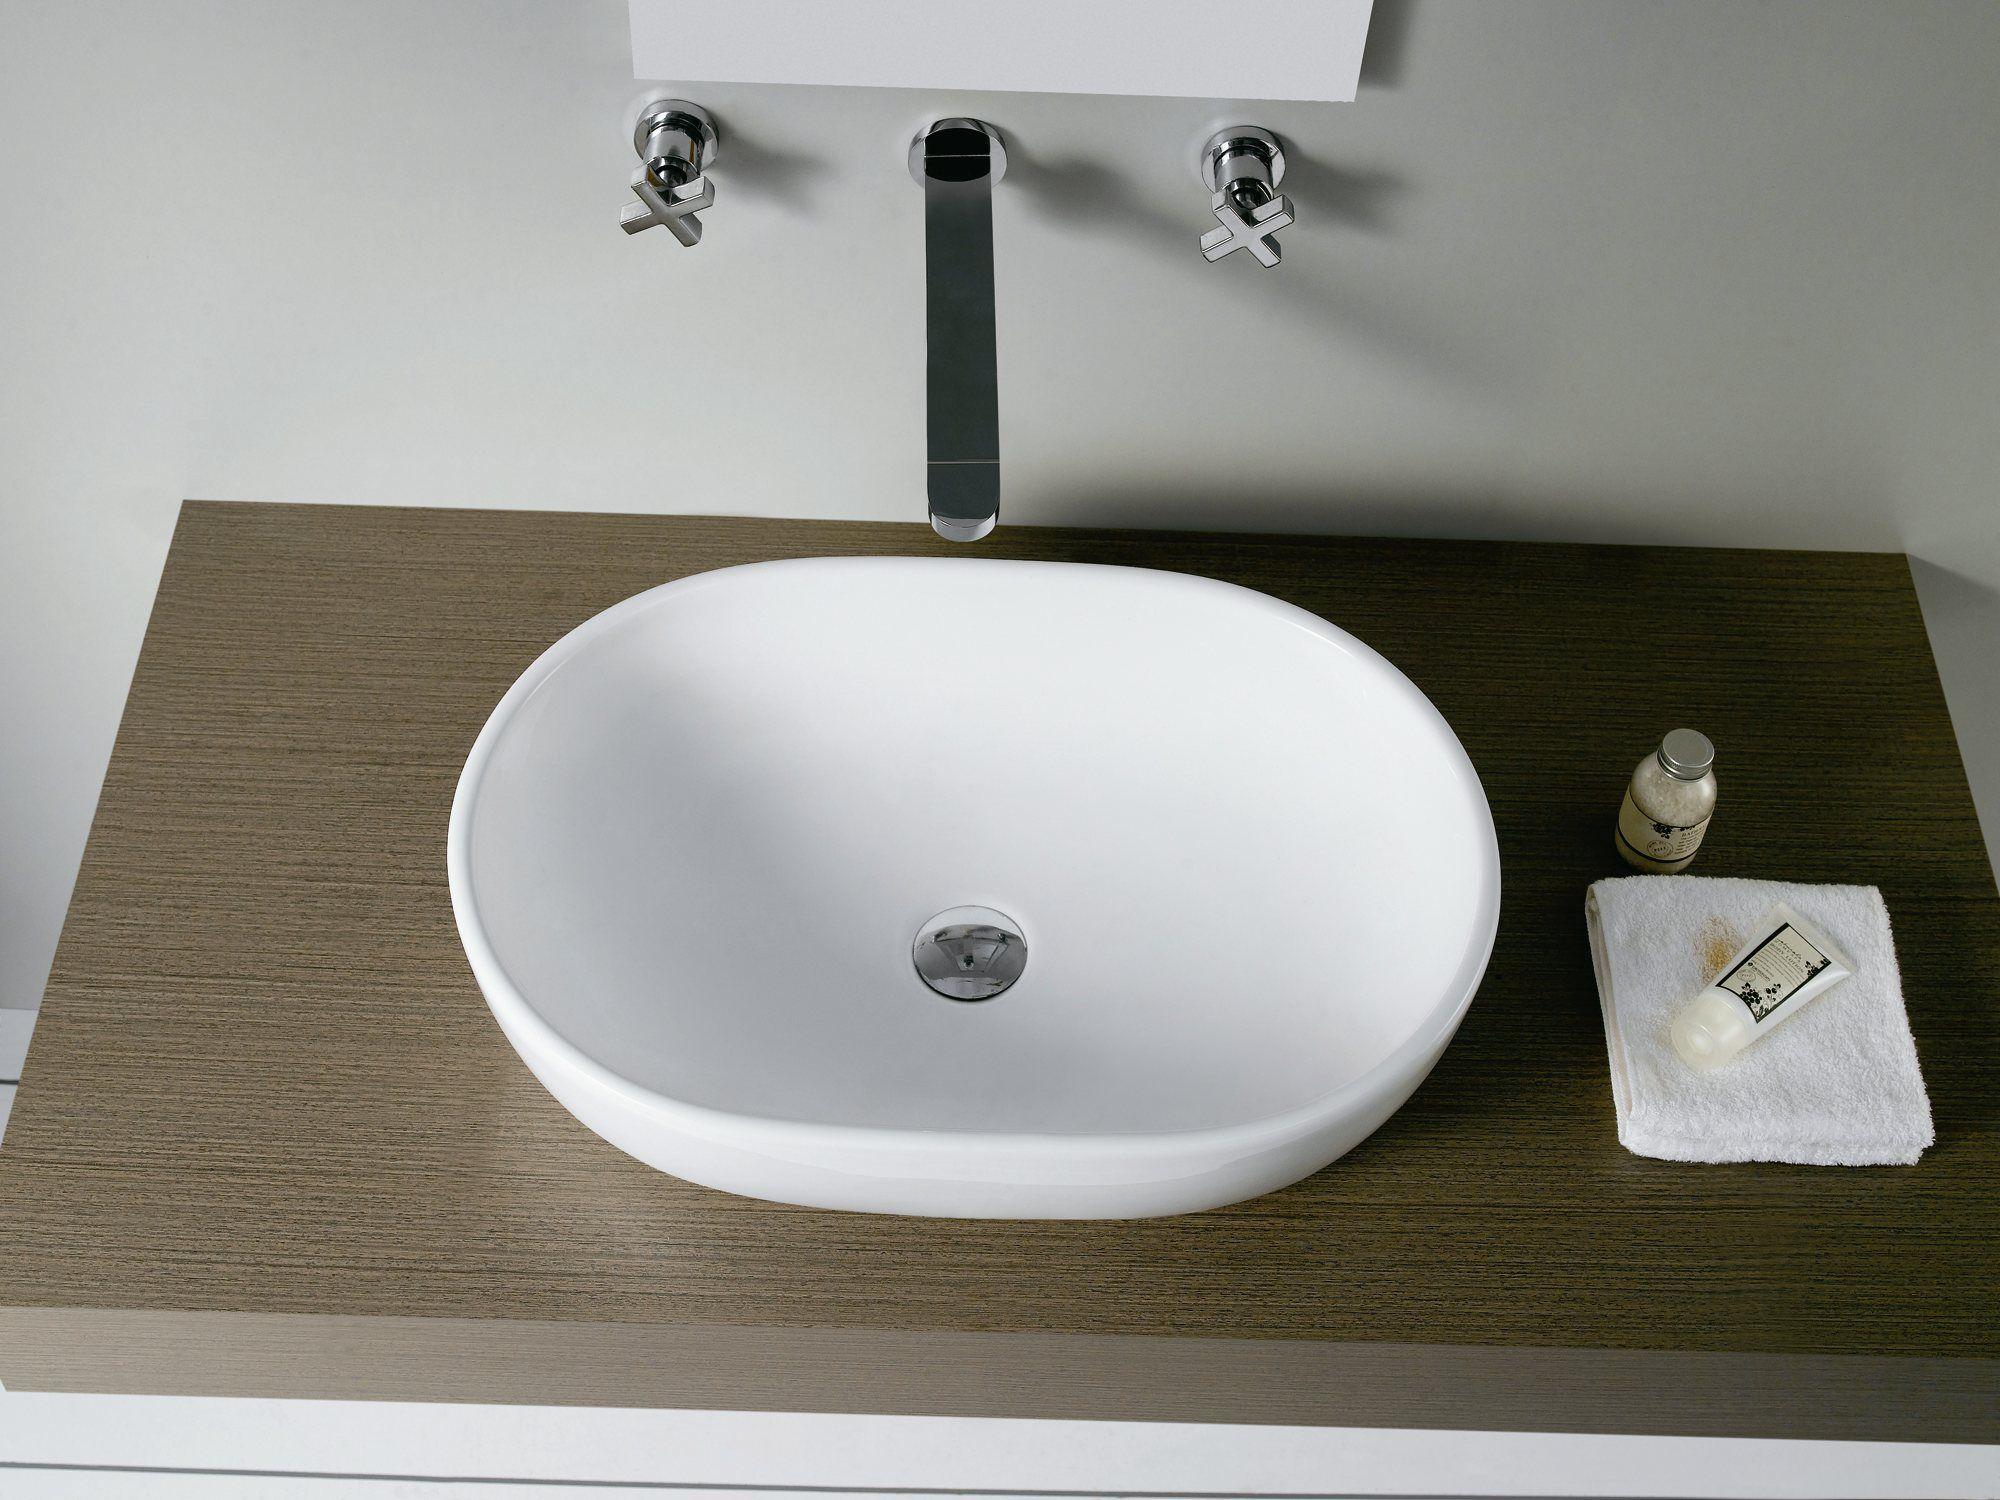 Lavabo Toulouse Oval De Porcelana Sobre Encimera Sin Rebosadero  ~ Lavabos De Diseño Sobre Encimera